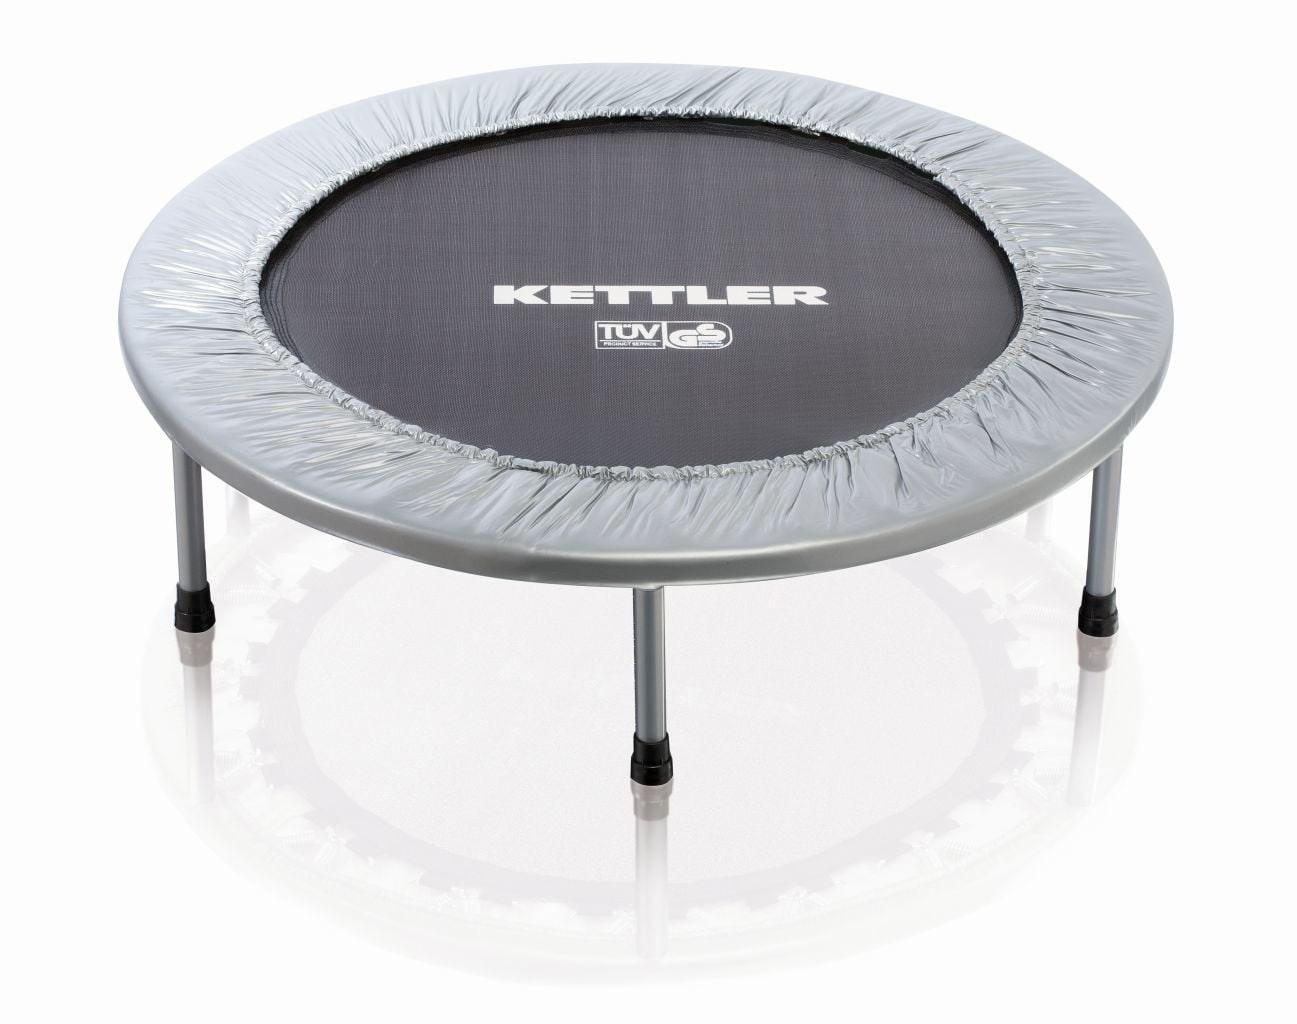 Kettler fitness trampoline